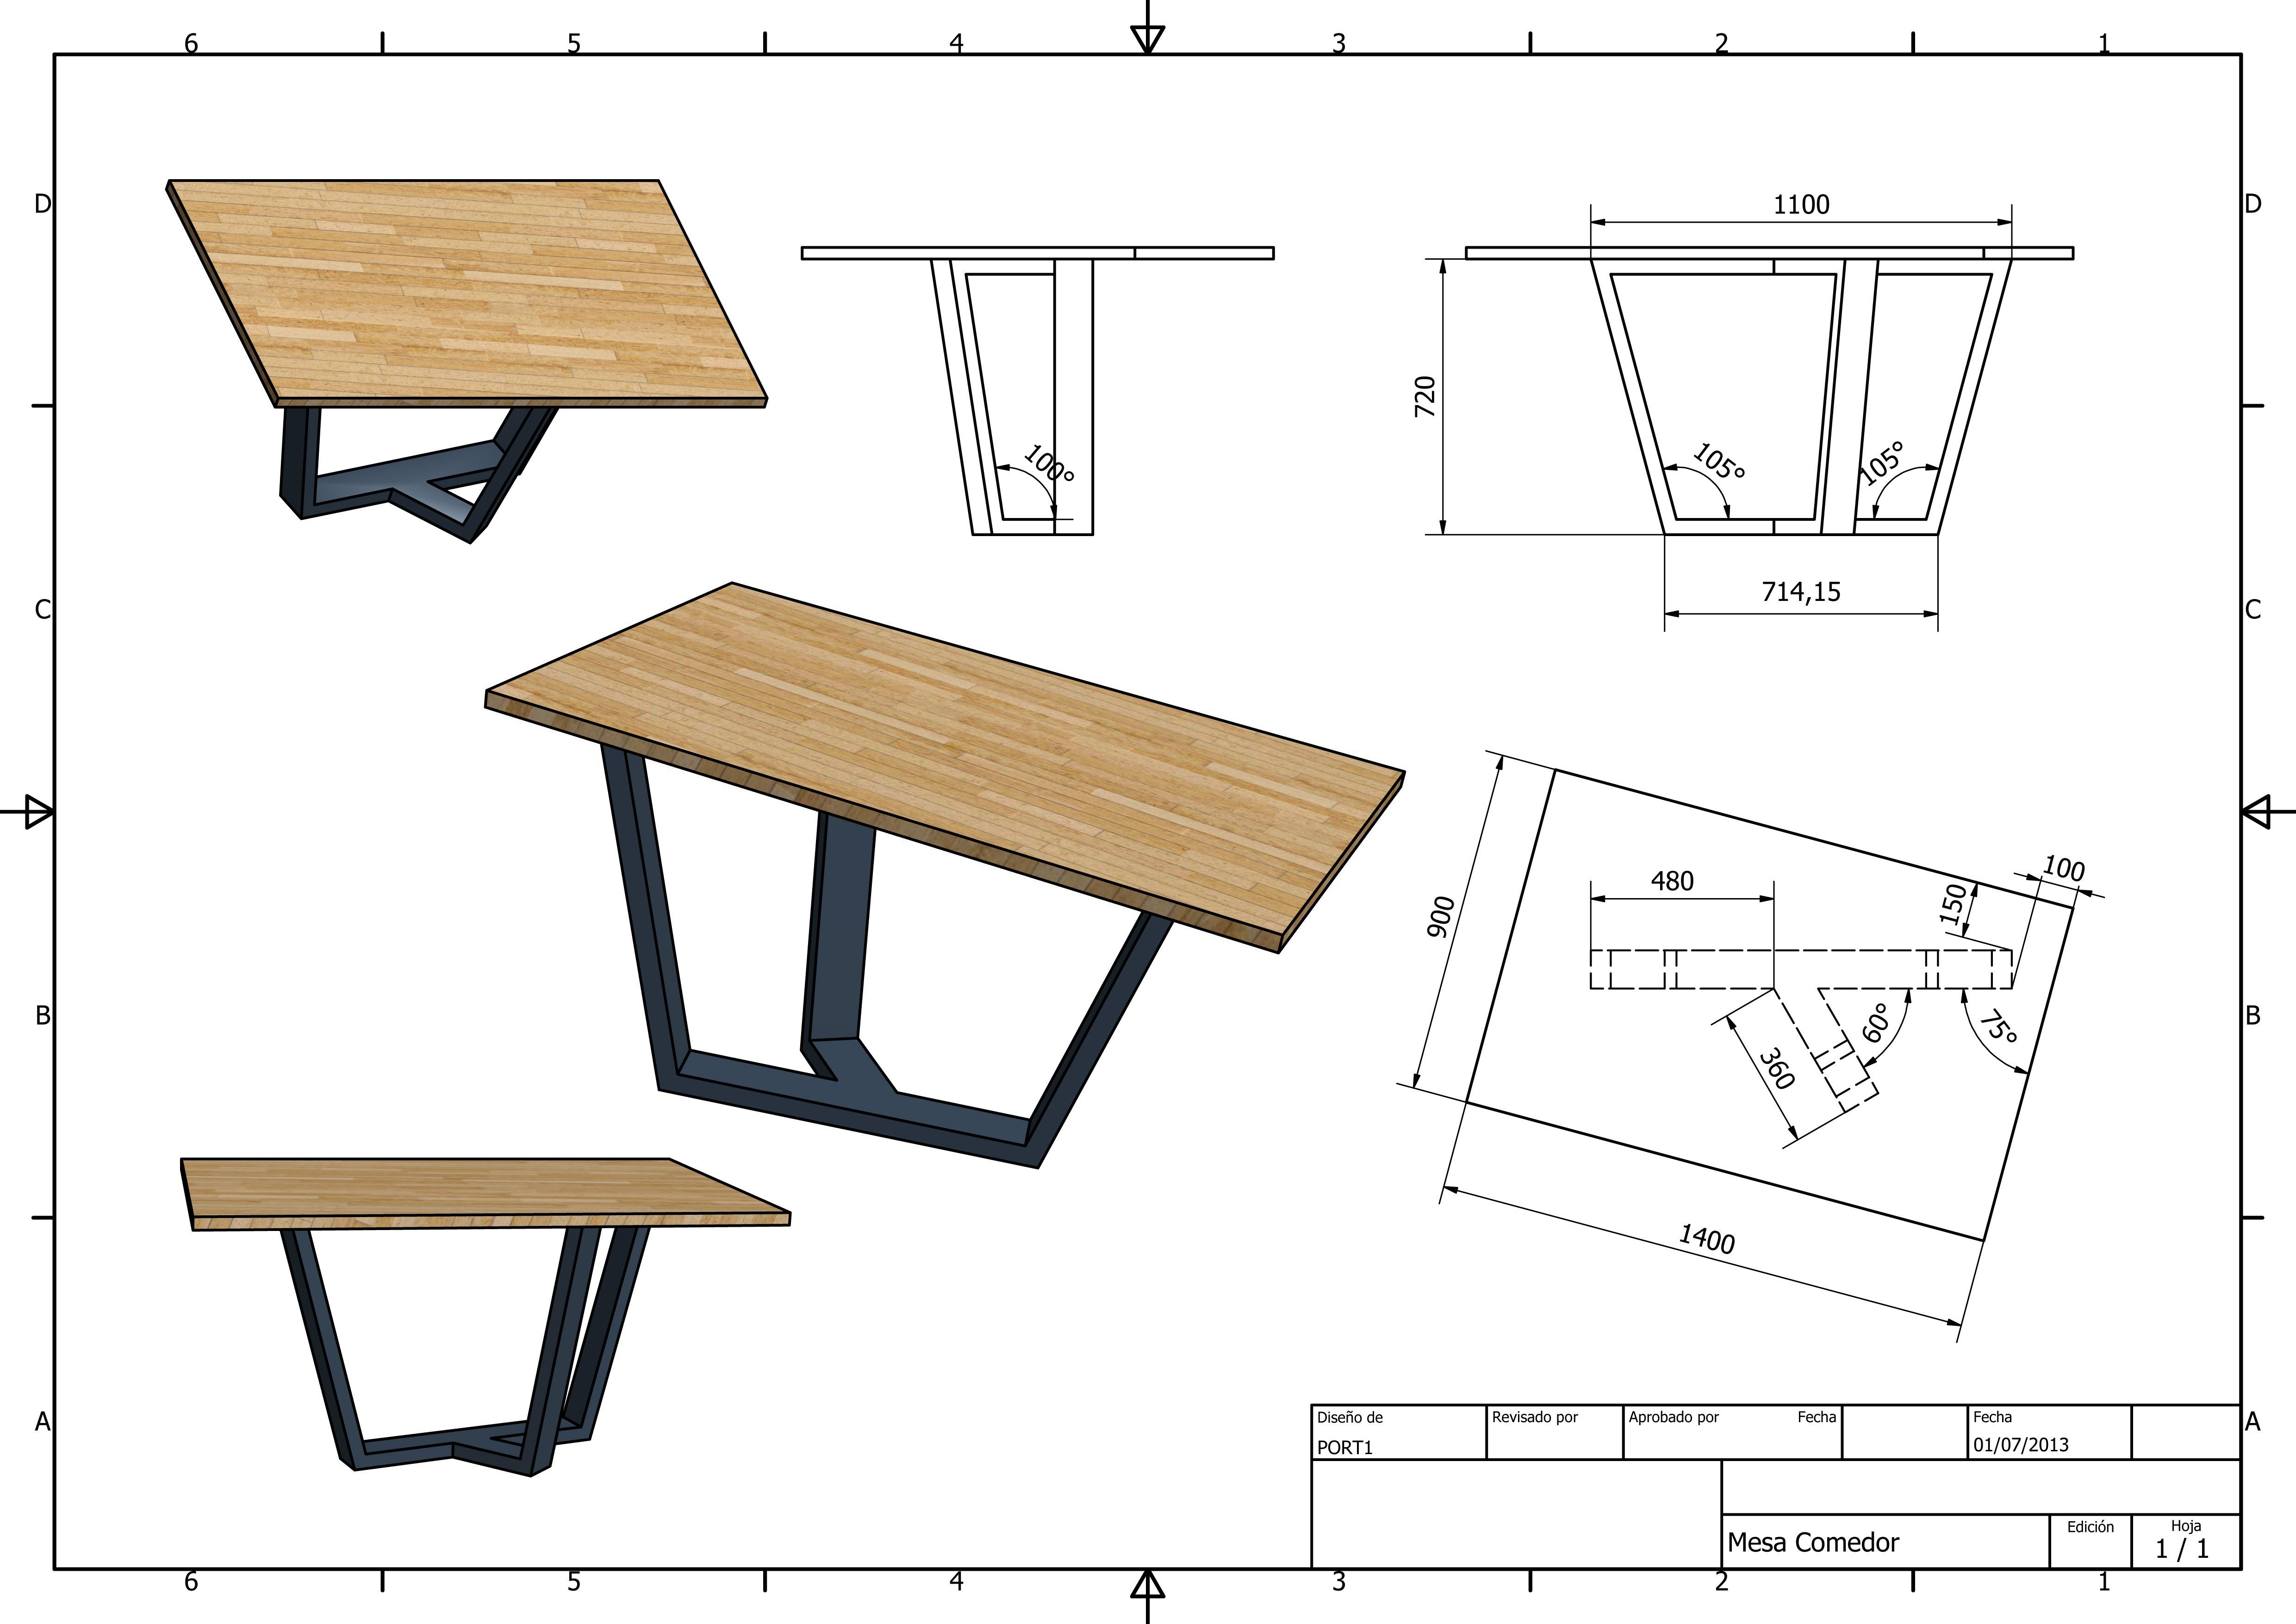 Medidas de mesas de comedor gallery of medidas silla diva for Las medidas de una casa xavier fonseca pdf gratis